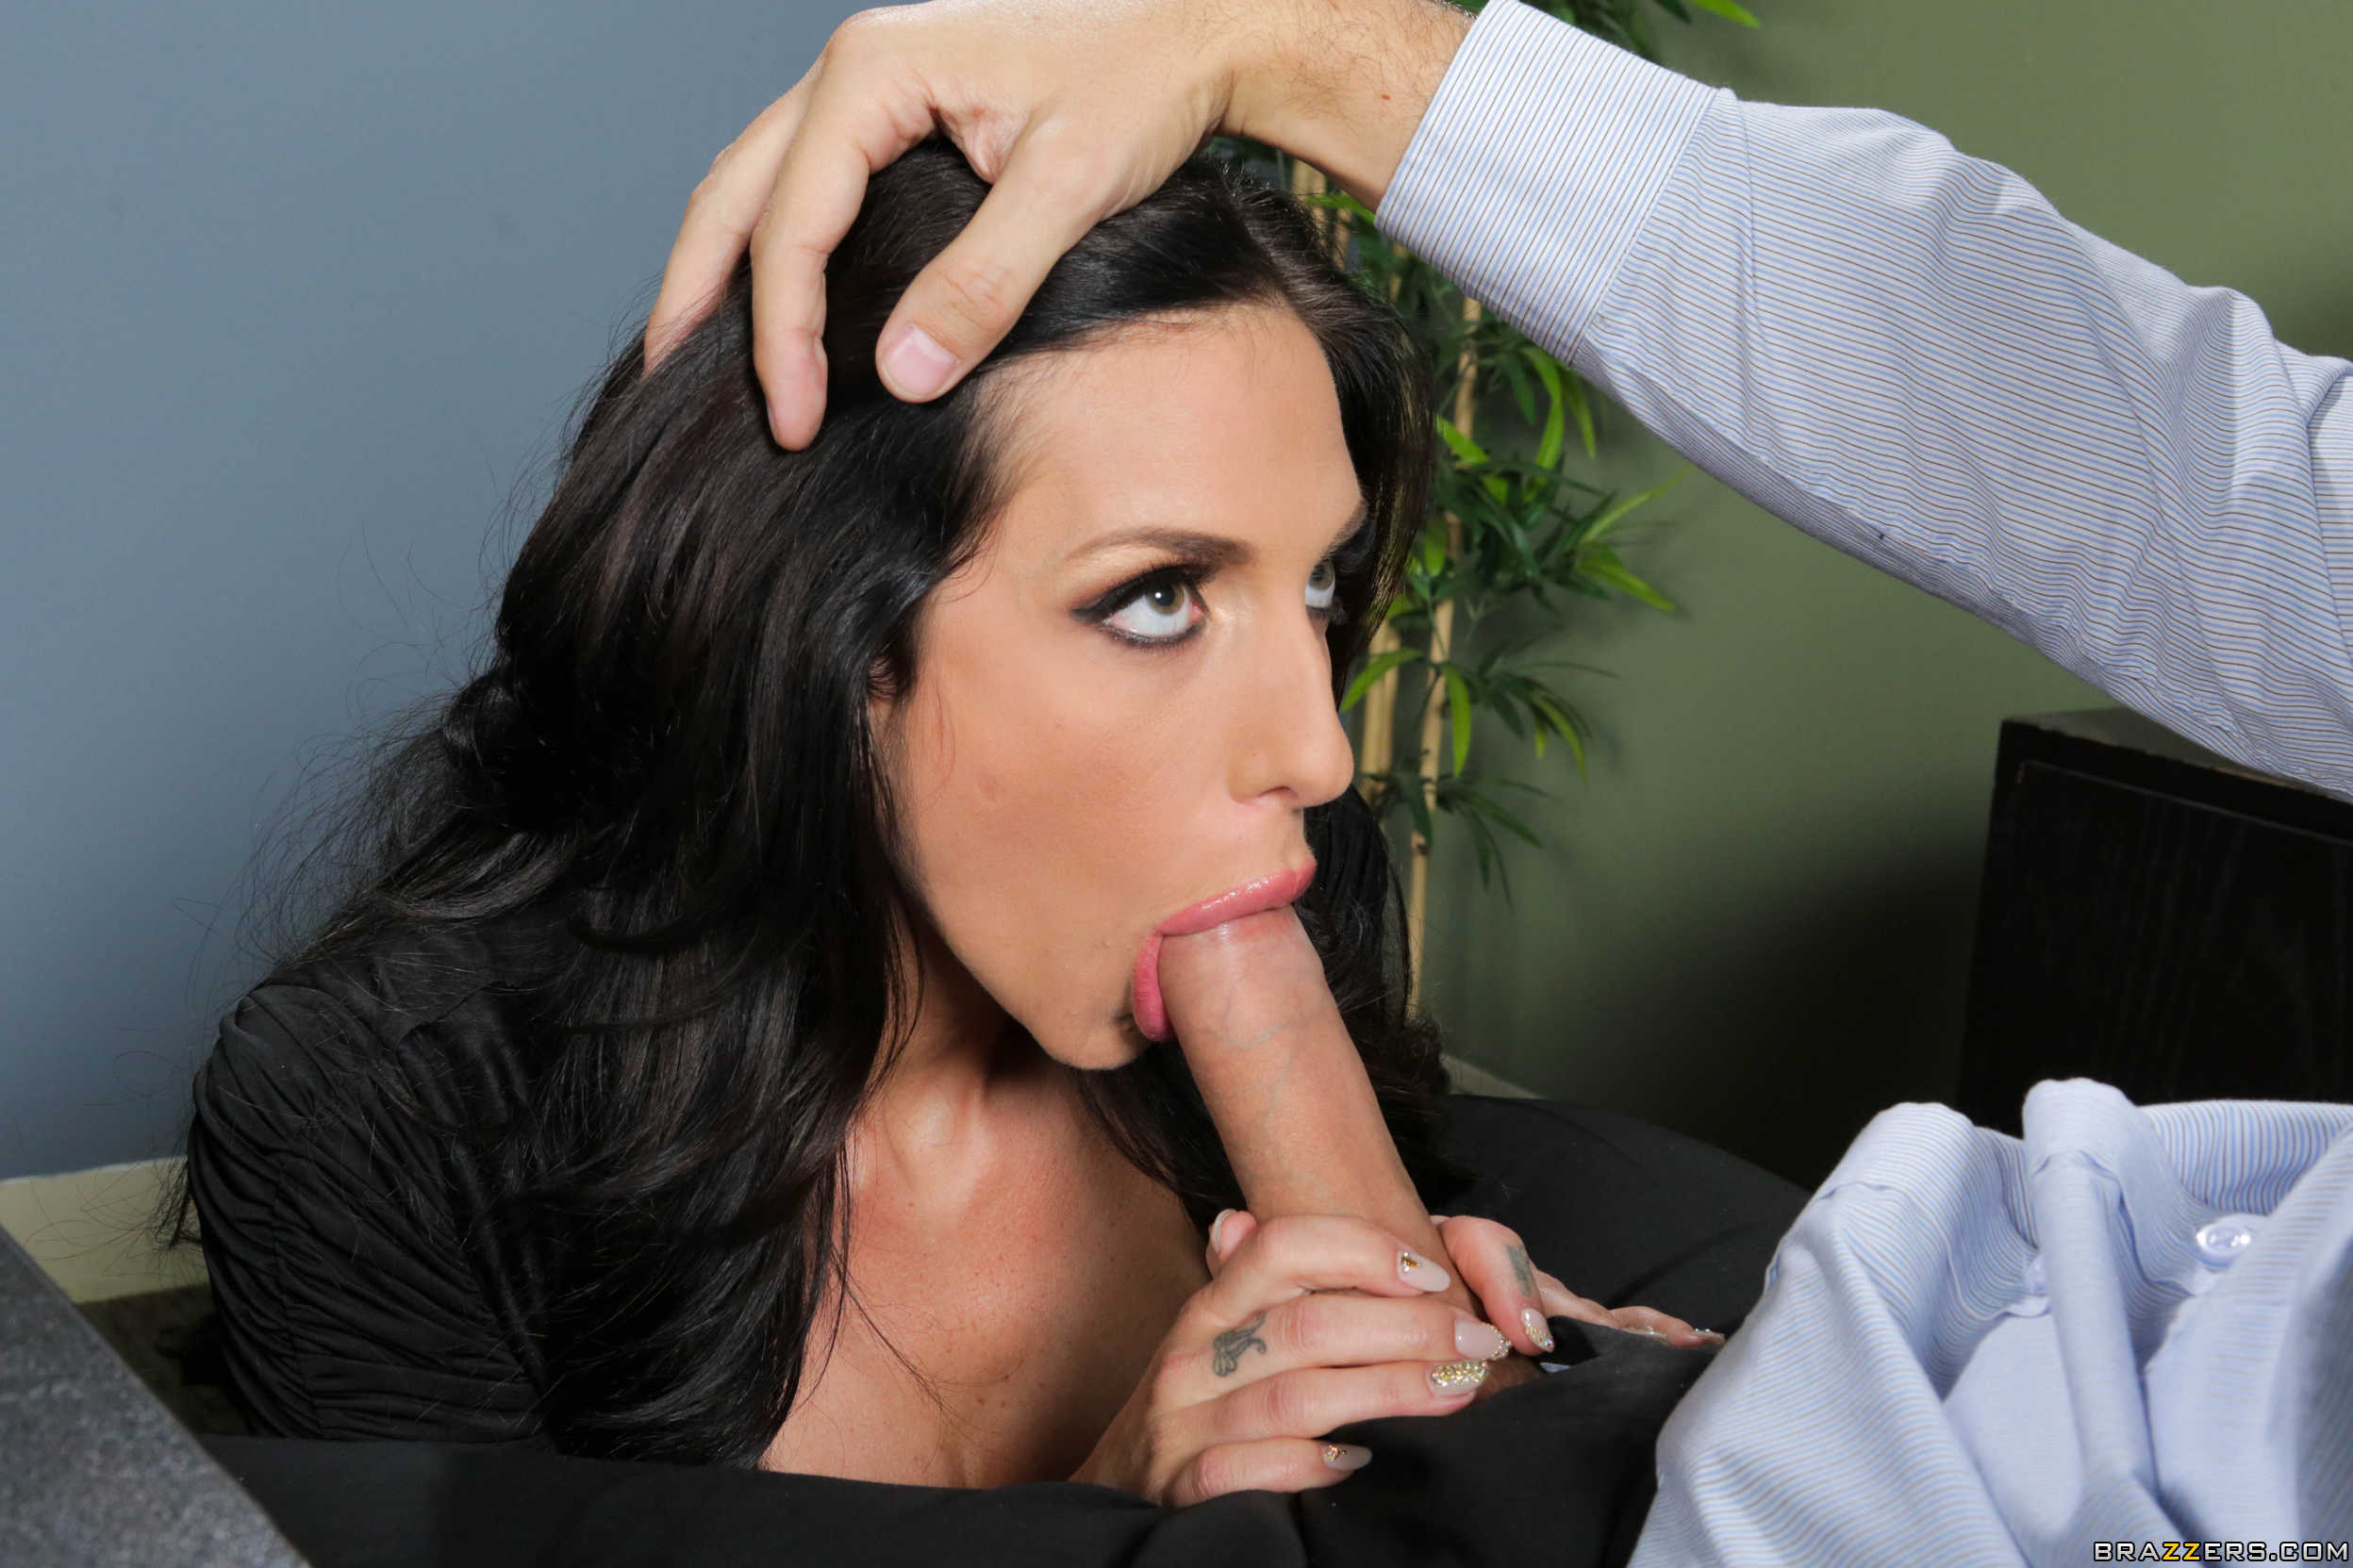 Сперма на лице секретарши фото, Сперма на лице порно фото, девушкам кончают на лицо 11 фотография